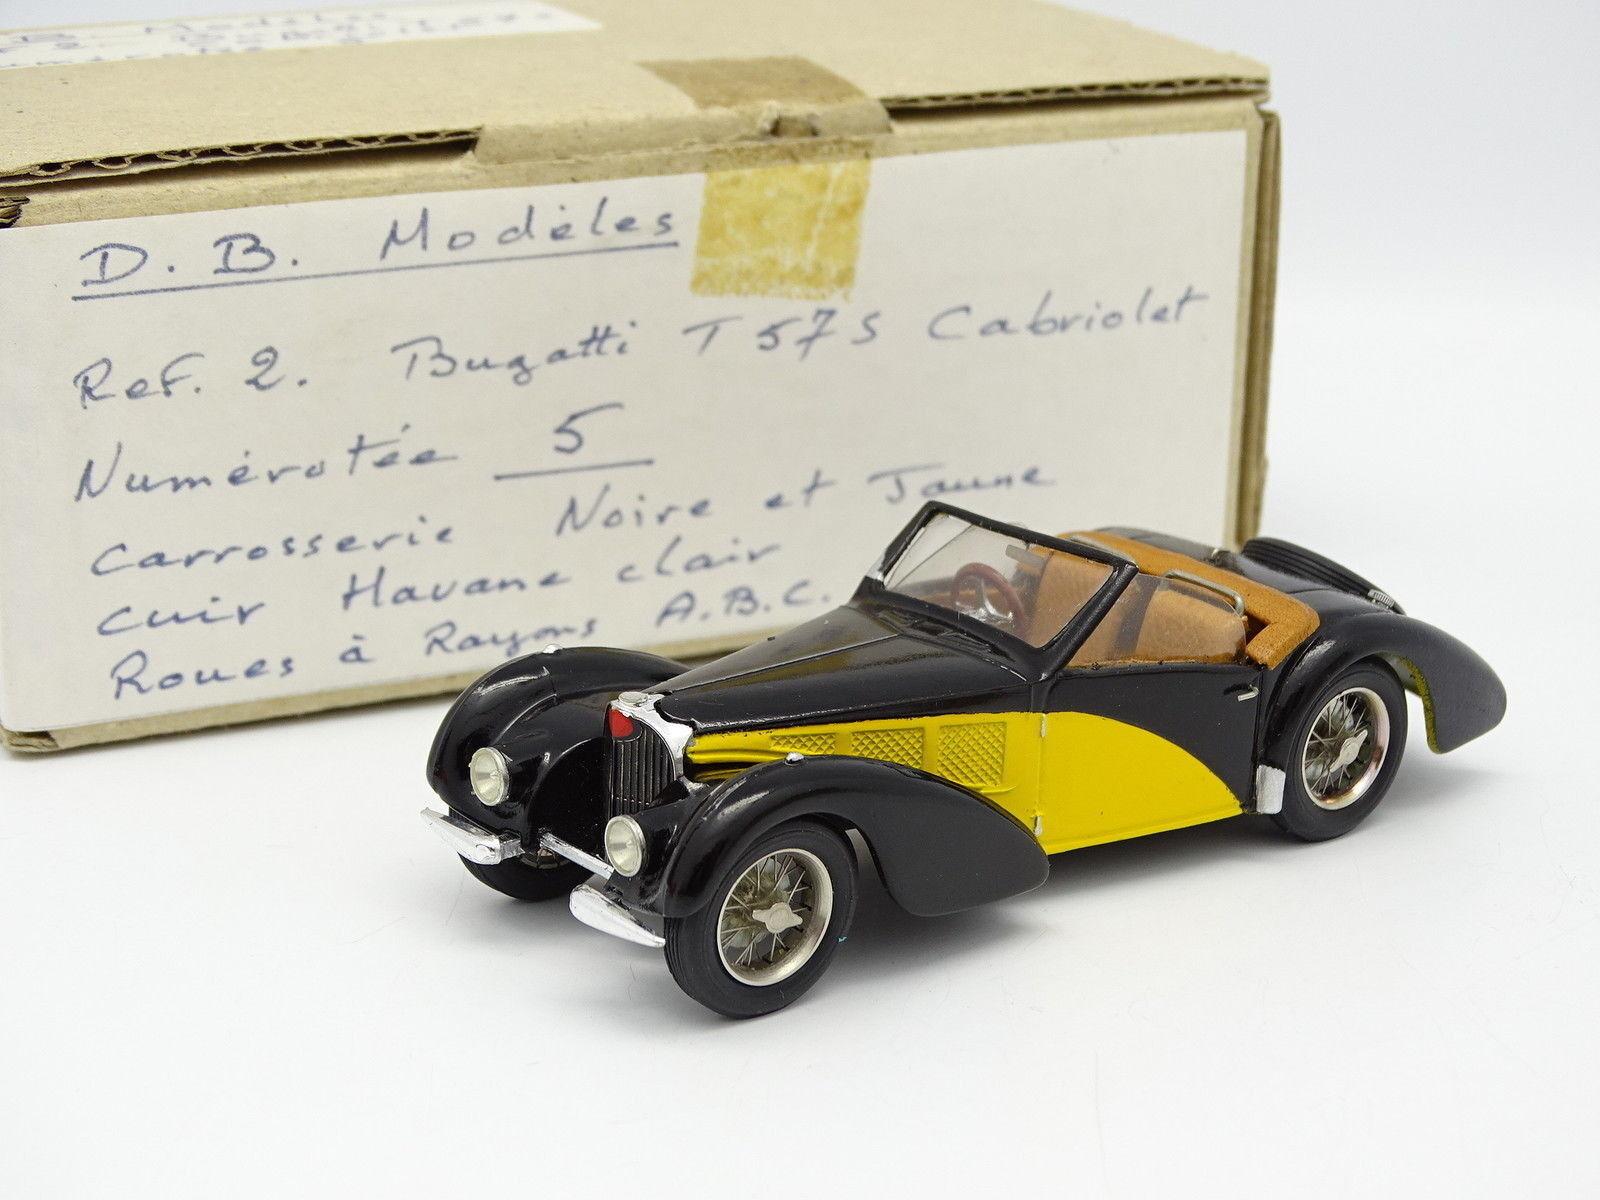 DB Modeles Kit Monté Résine 1 43 - Bugatti T57 S Cabriolet neroe et giallo